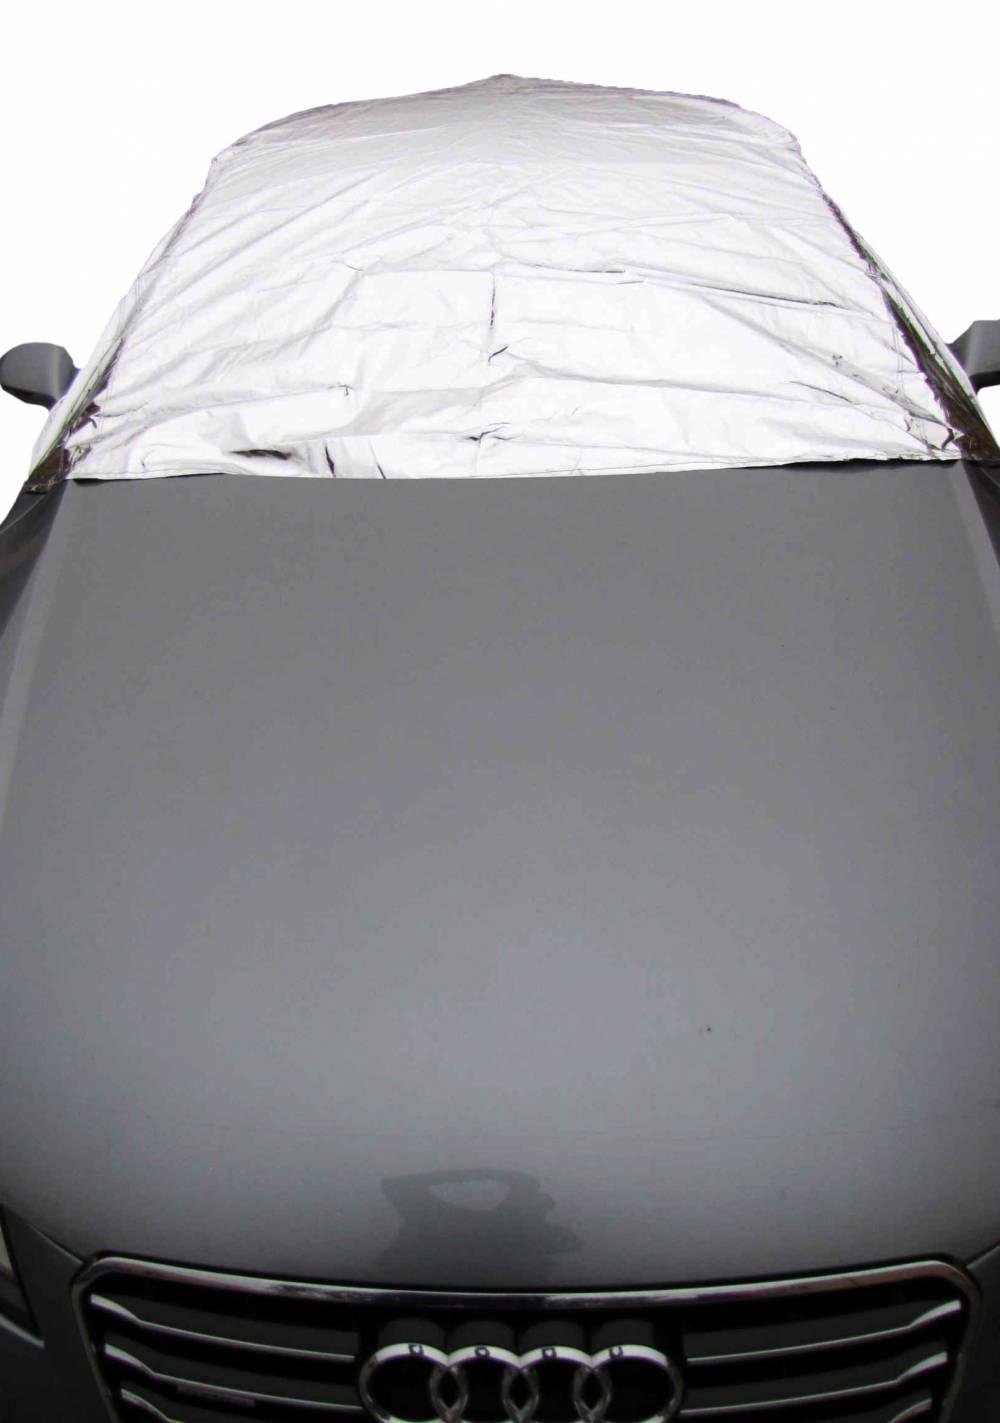 Plachty na auta k zakrytí střechy a skel karoserie